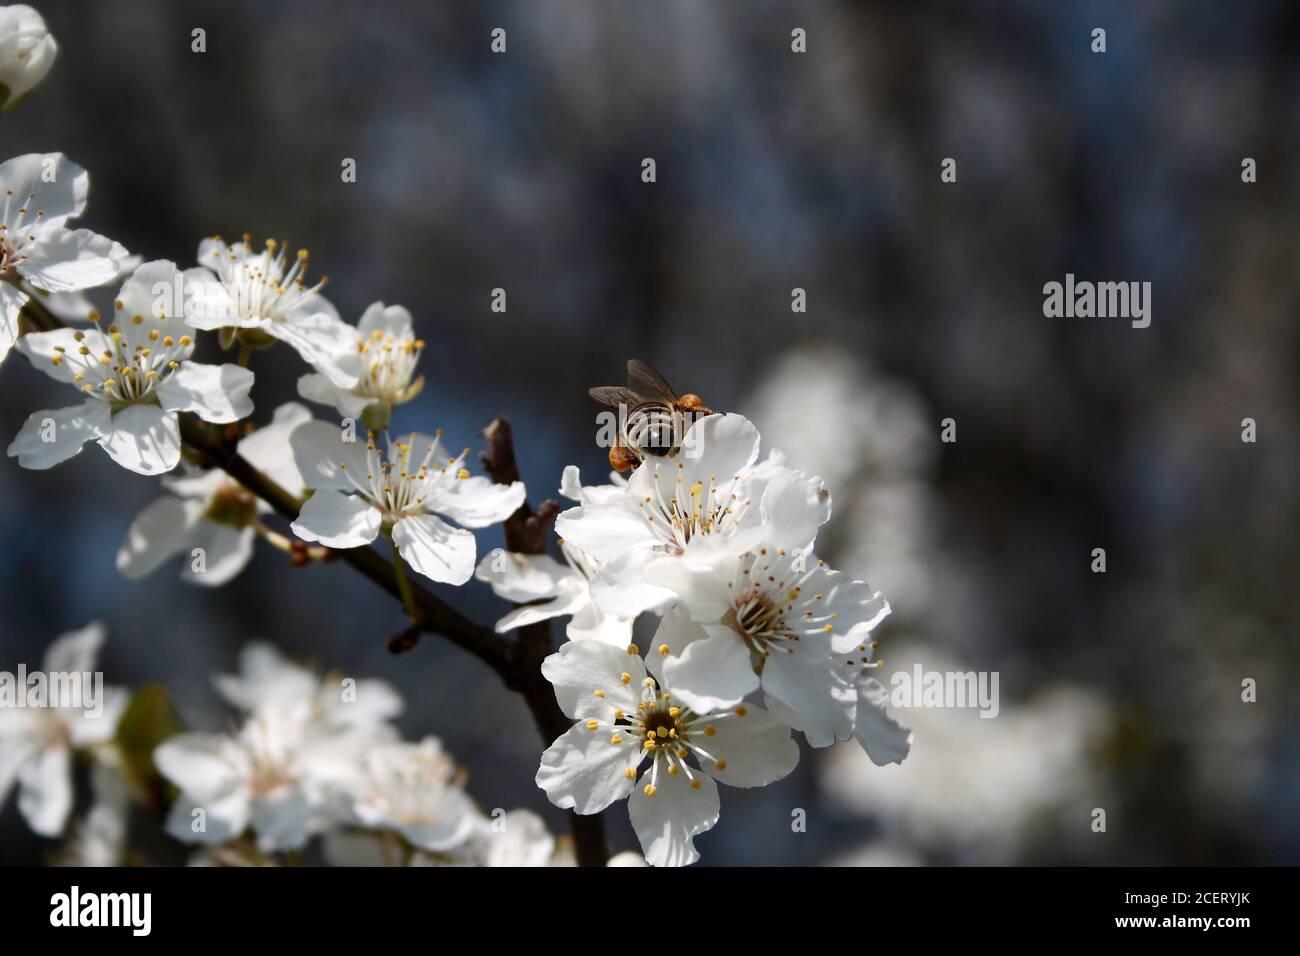 L'abeille recueille le pollen des fleurs blanches Banque D'Images